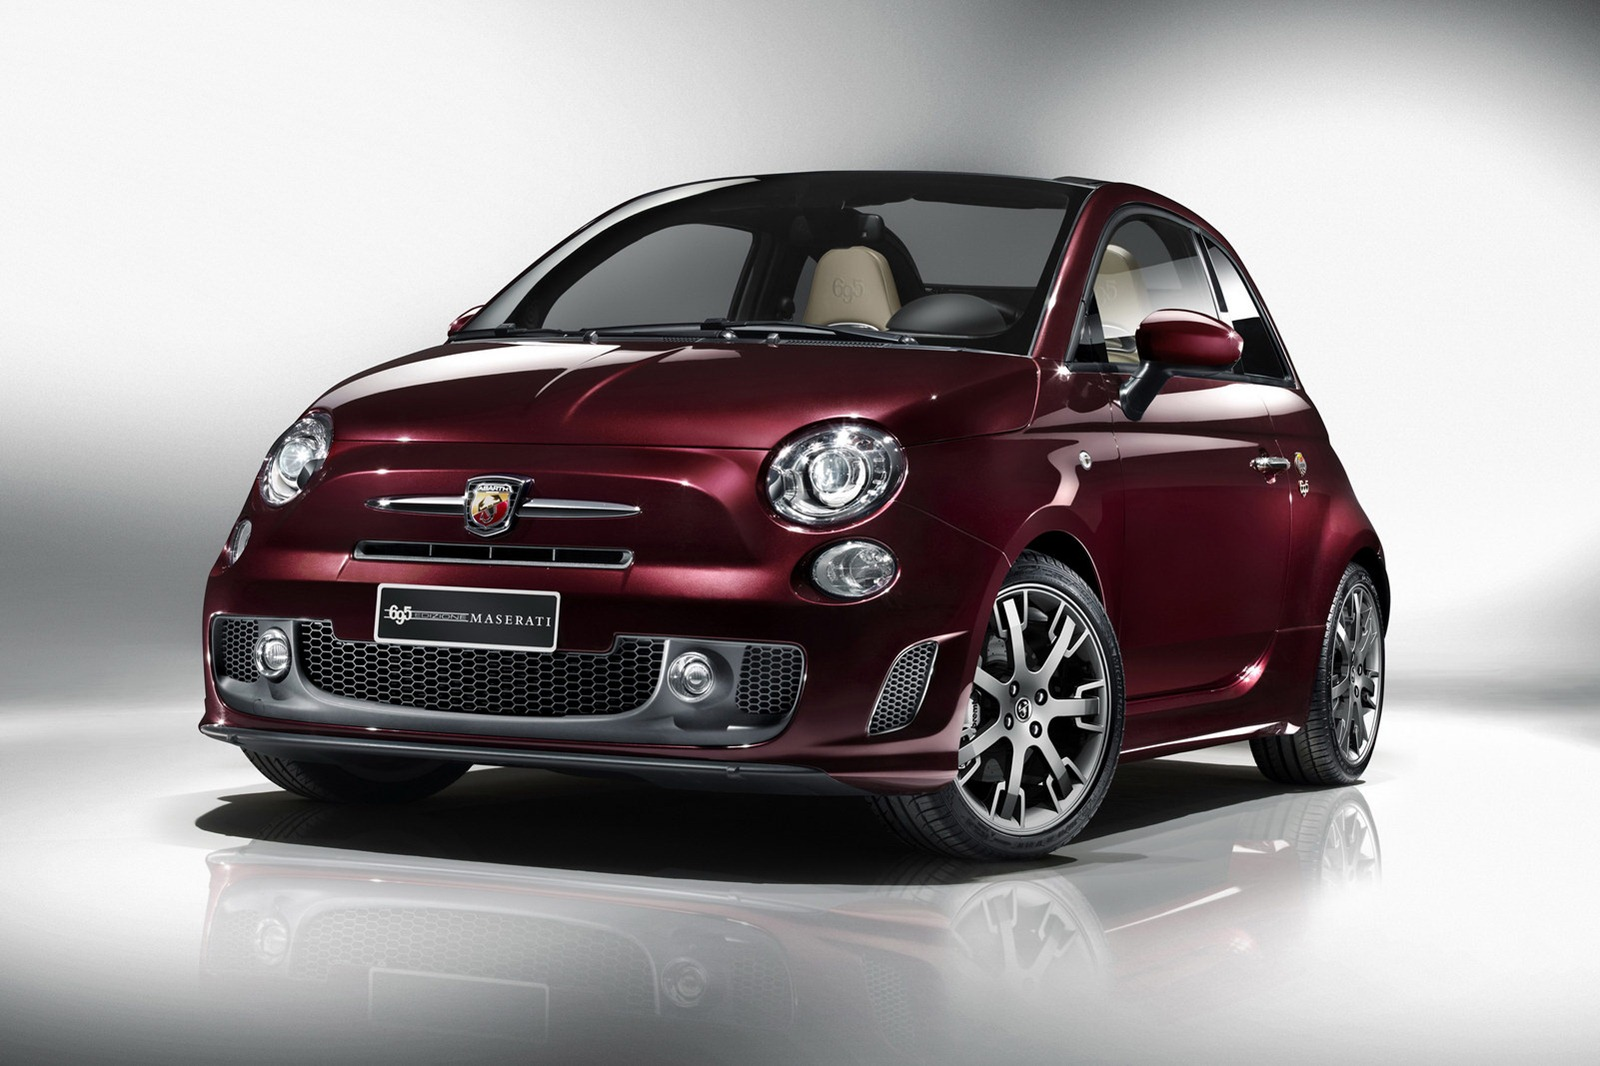 http://4.bp.blogspot.com/-8QcPXSDOW3g/T7ywPVEQ-YI/AAAAAAAAgi0/XDoKpHHvxtE/s1600/Fiat-Abarth-004-Maserati-Edition-4%255B2%255D.alt=